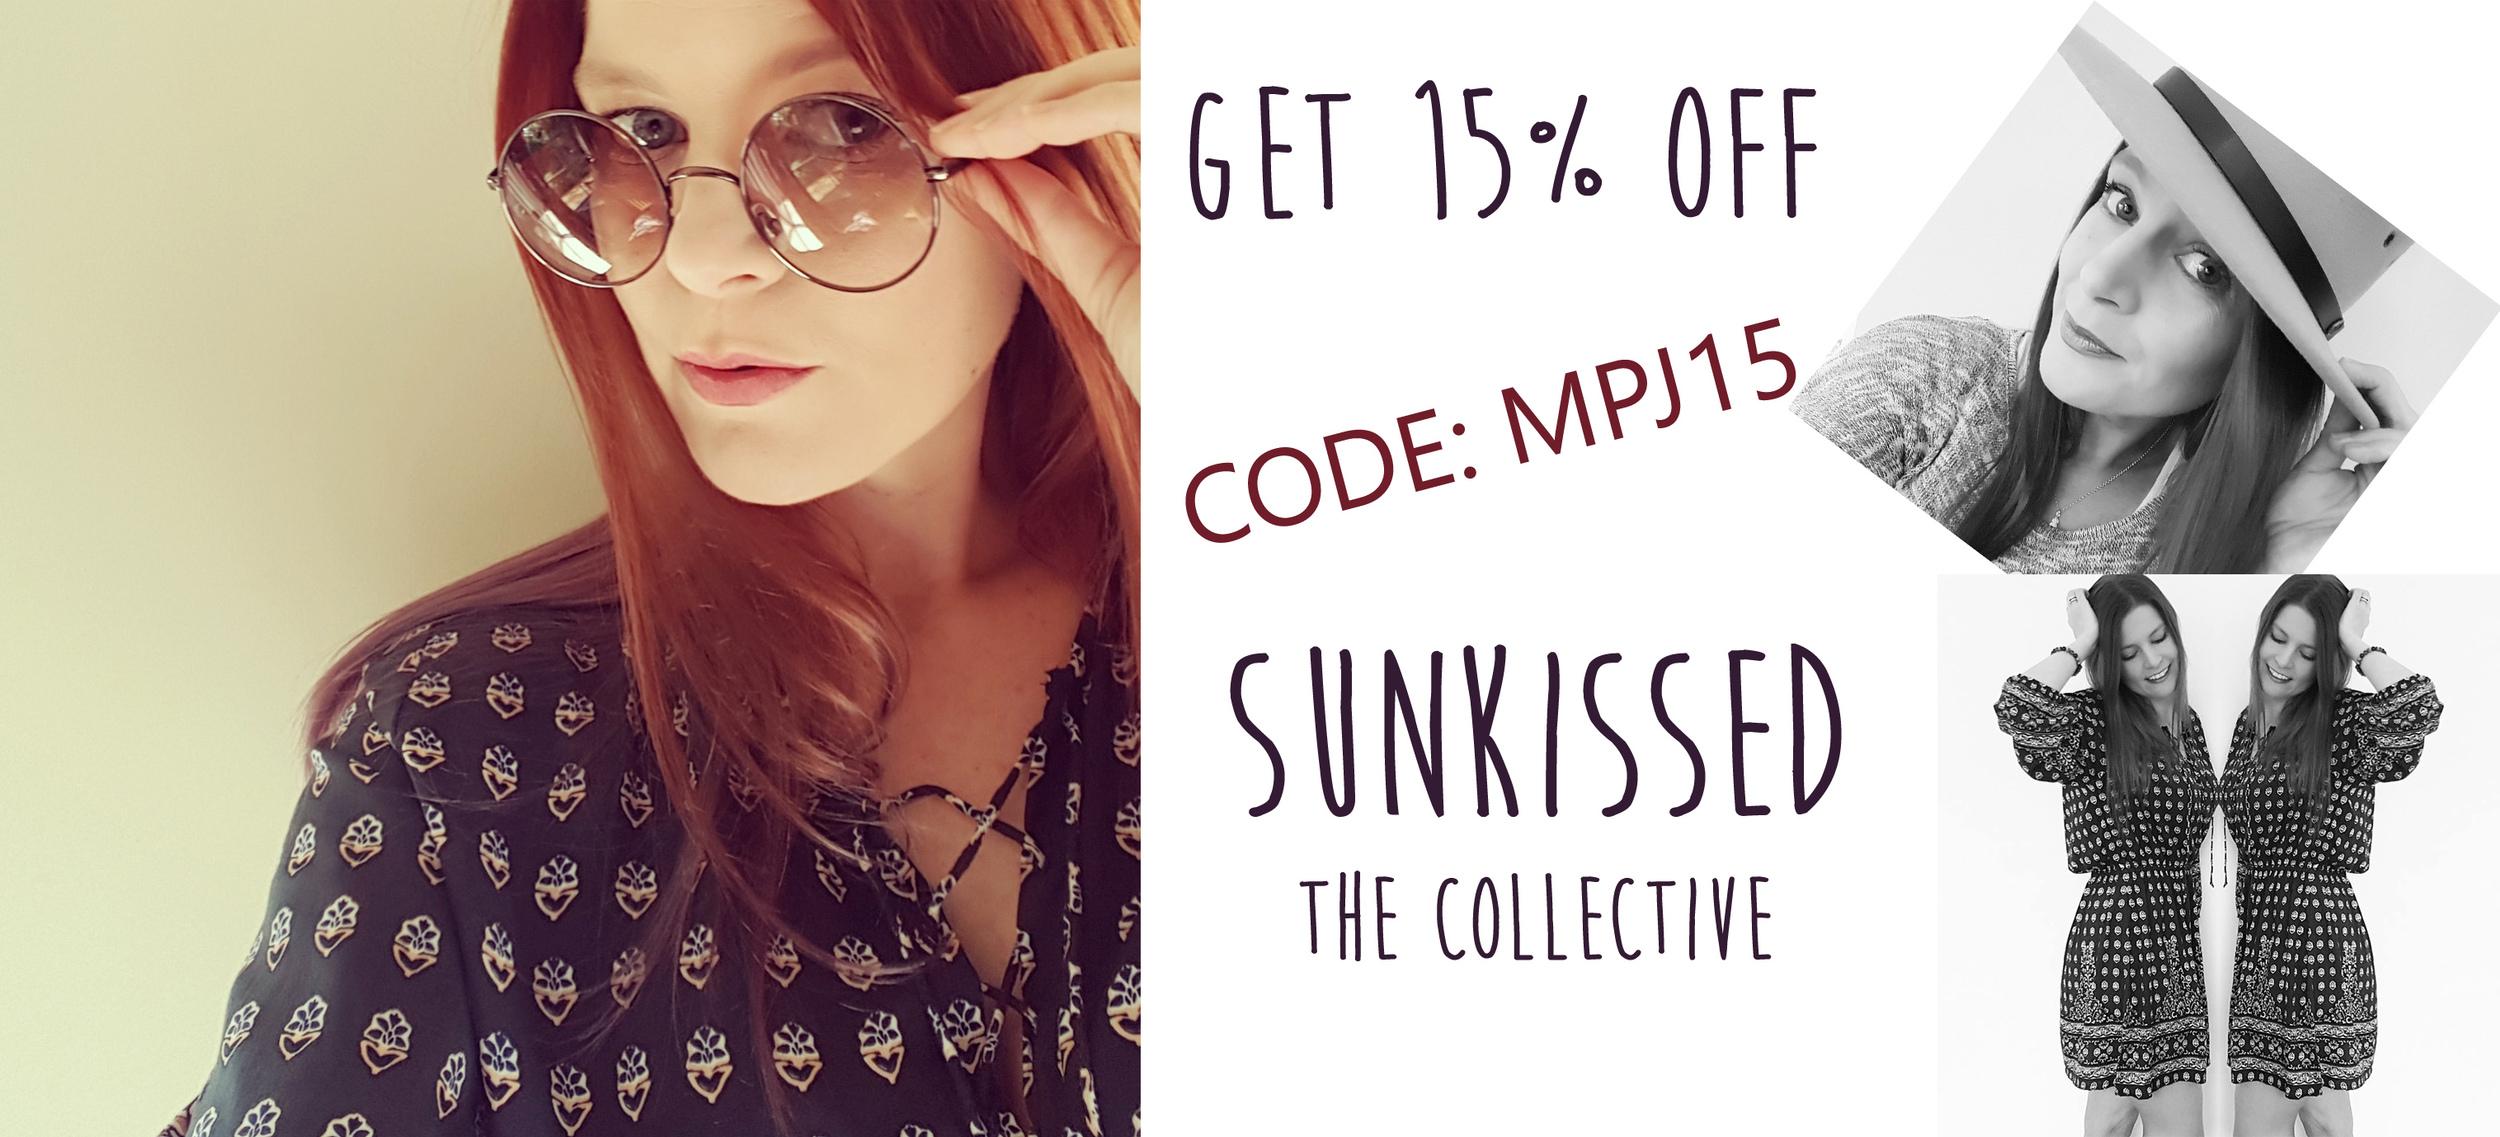 GET 15% OFF Storewide! MPJ15